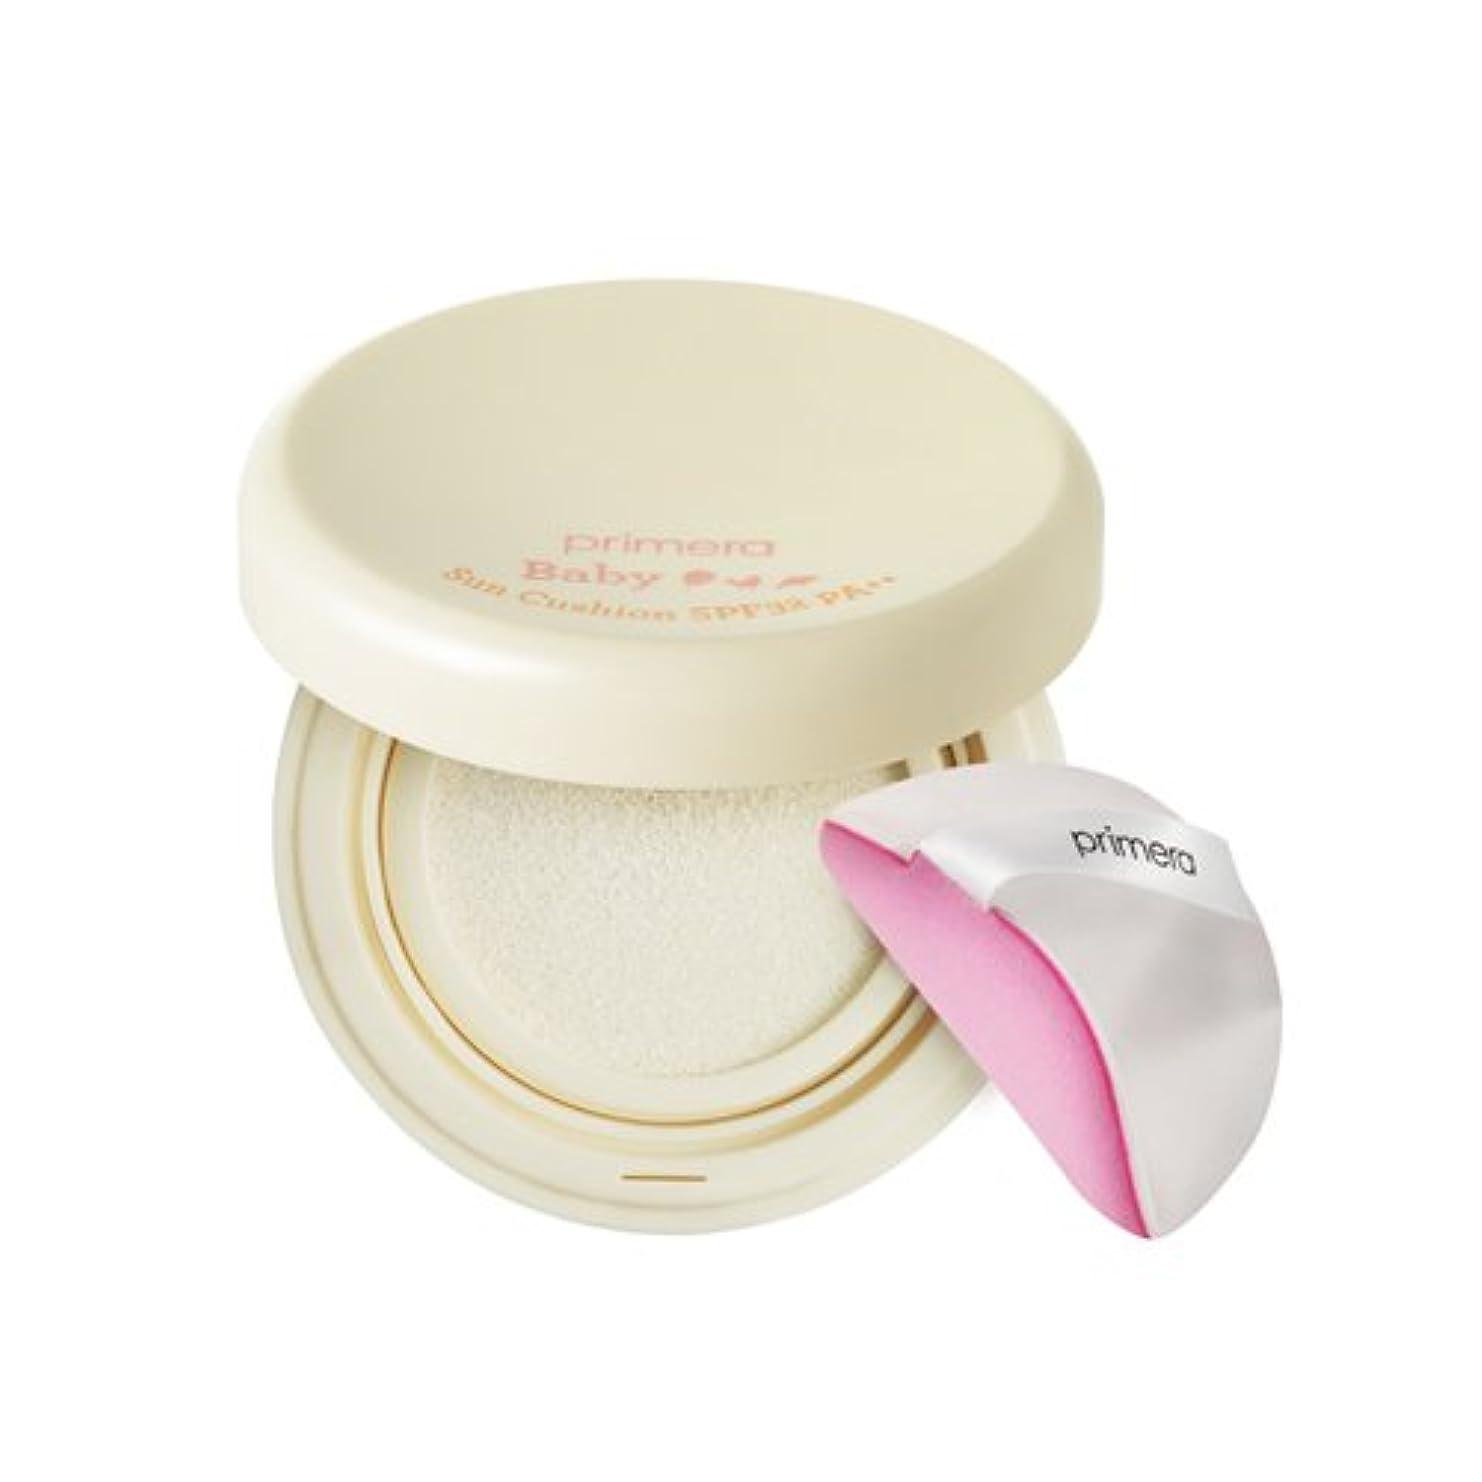 ナプキンつかむ苦しみKorean Cosmetics Amorepacific Primera Baby Sun Cushion SPF32 PA++[並行輸入品]